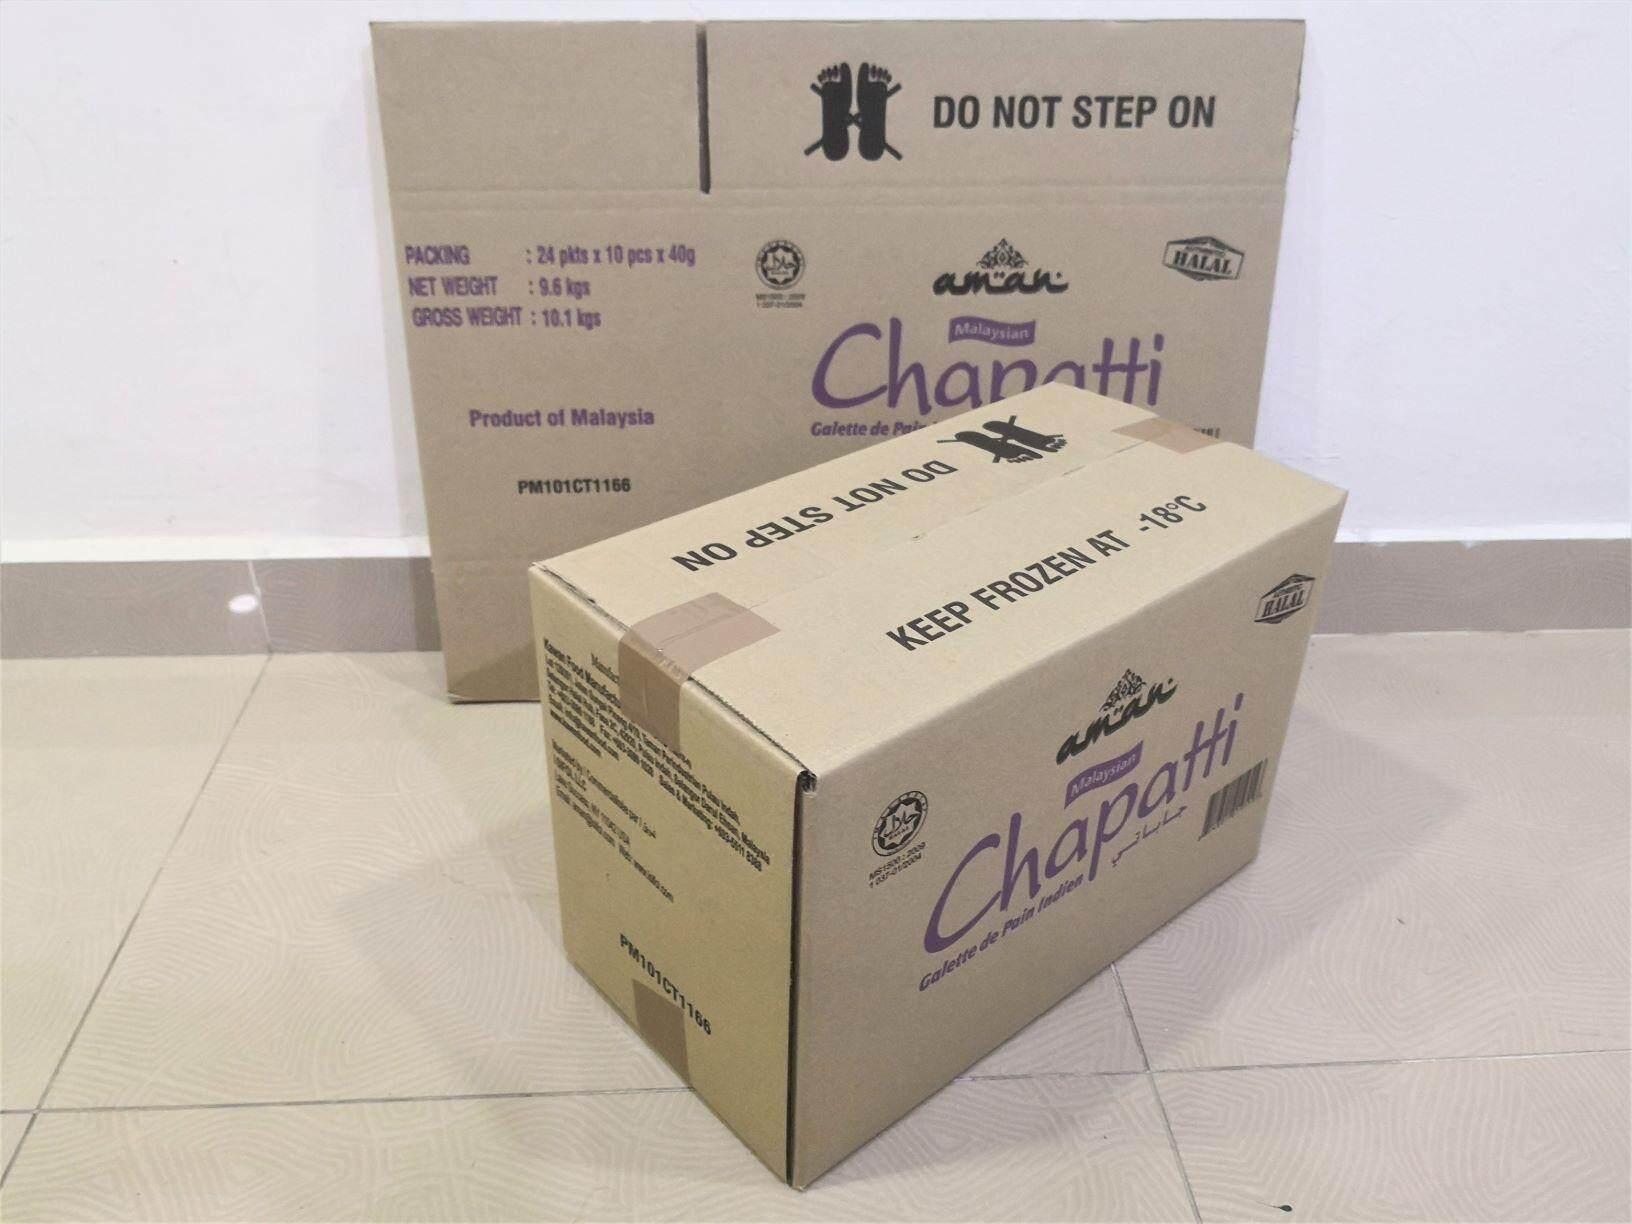 5pcs Printed Carton Boxes (L398 X W210 X H261mm)